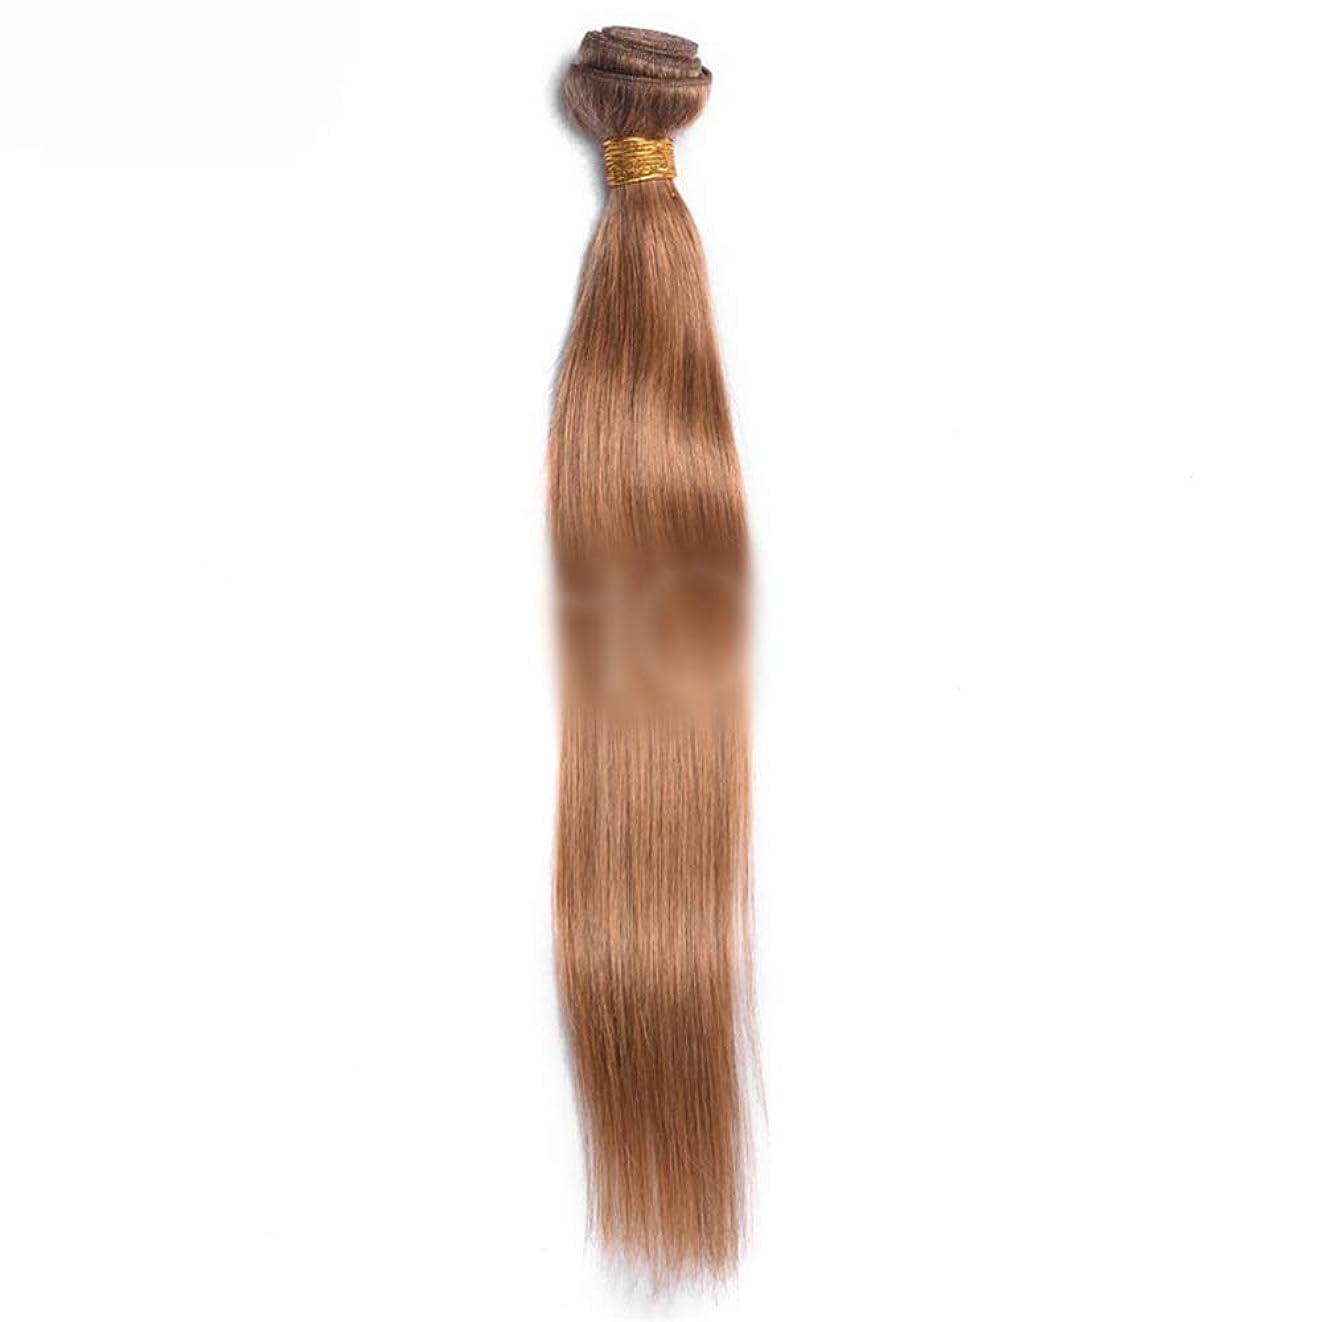 アドバイスシャンプー終了しましたBOBIDYEE オンブルバージンヘアストレートレミー人間の毛髪延長横糸 - 27#茶色の髪の束(1バンドル)合成髪レースかつらロールプレイングかつら長くて短い女性自然 (色 : ブラウン, サイズ : 16 inch)